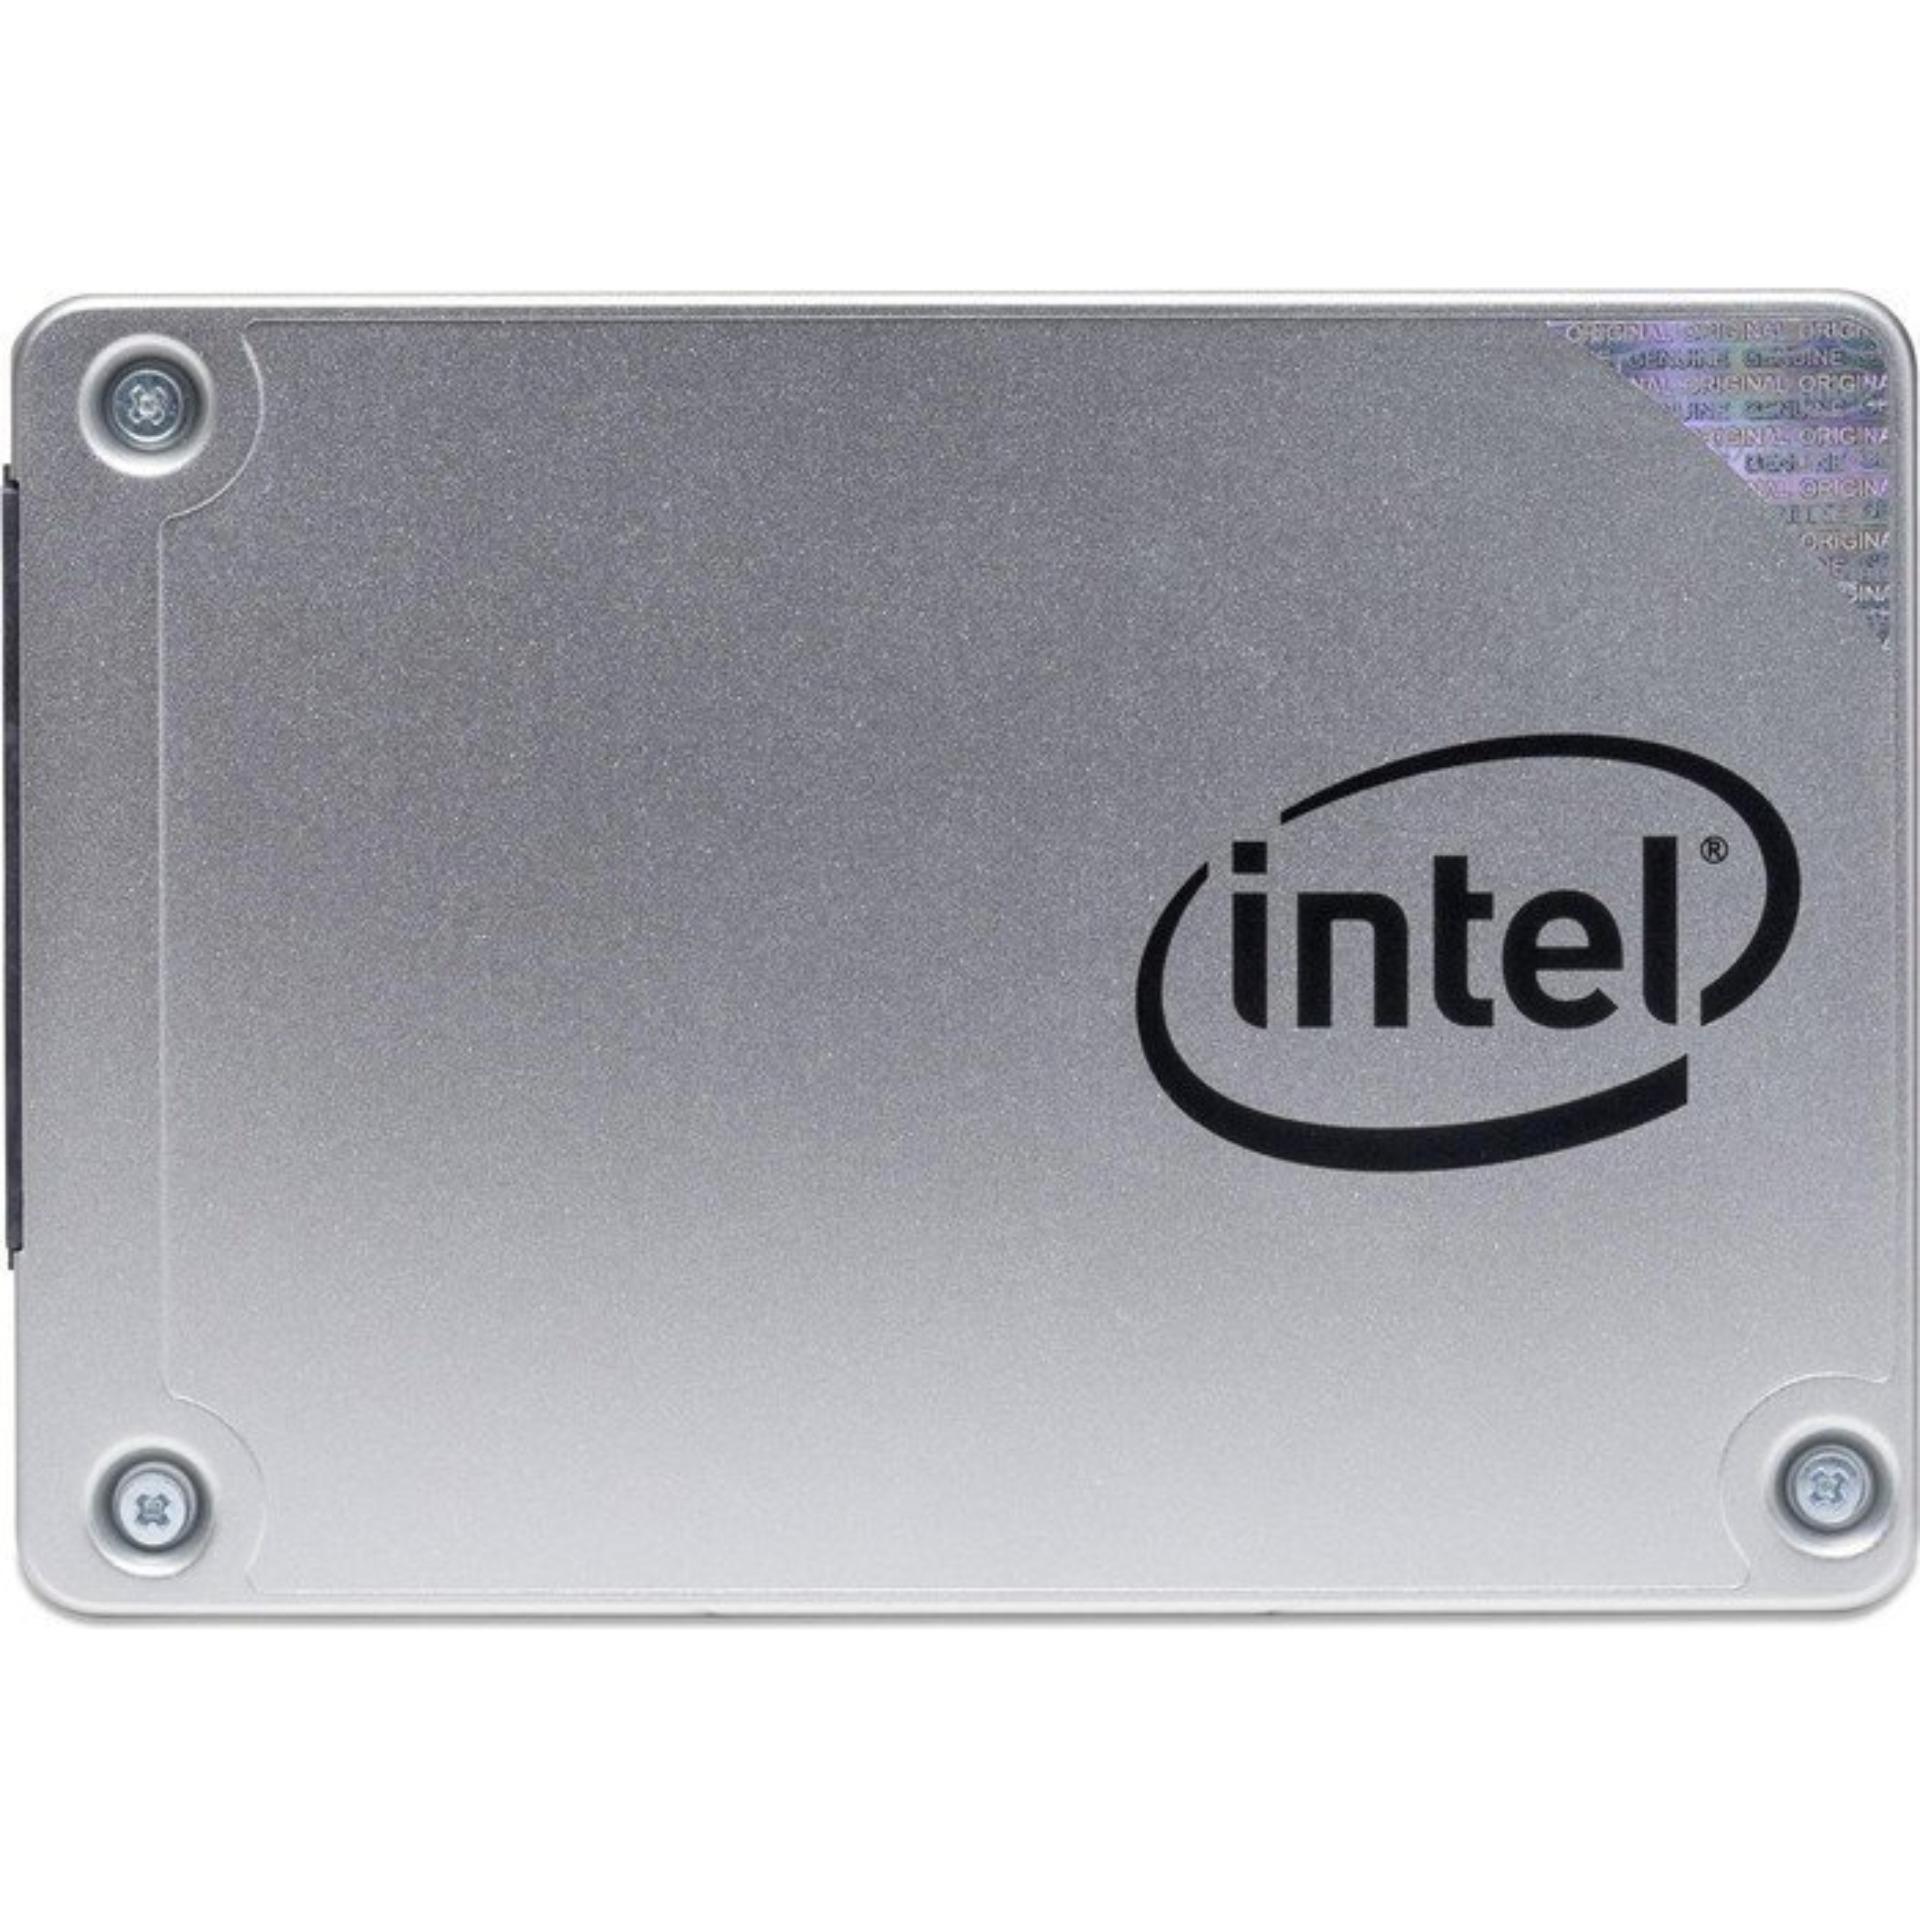 Ổ SSD Intel Pro 5400s 480Gb SATA3 (đọc: 560MB/s /ghi: 480MB/s)